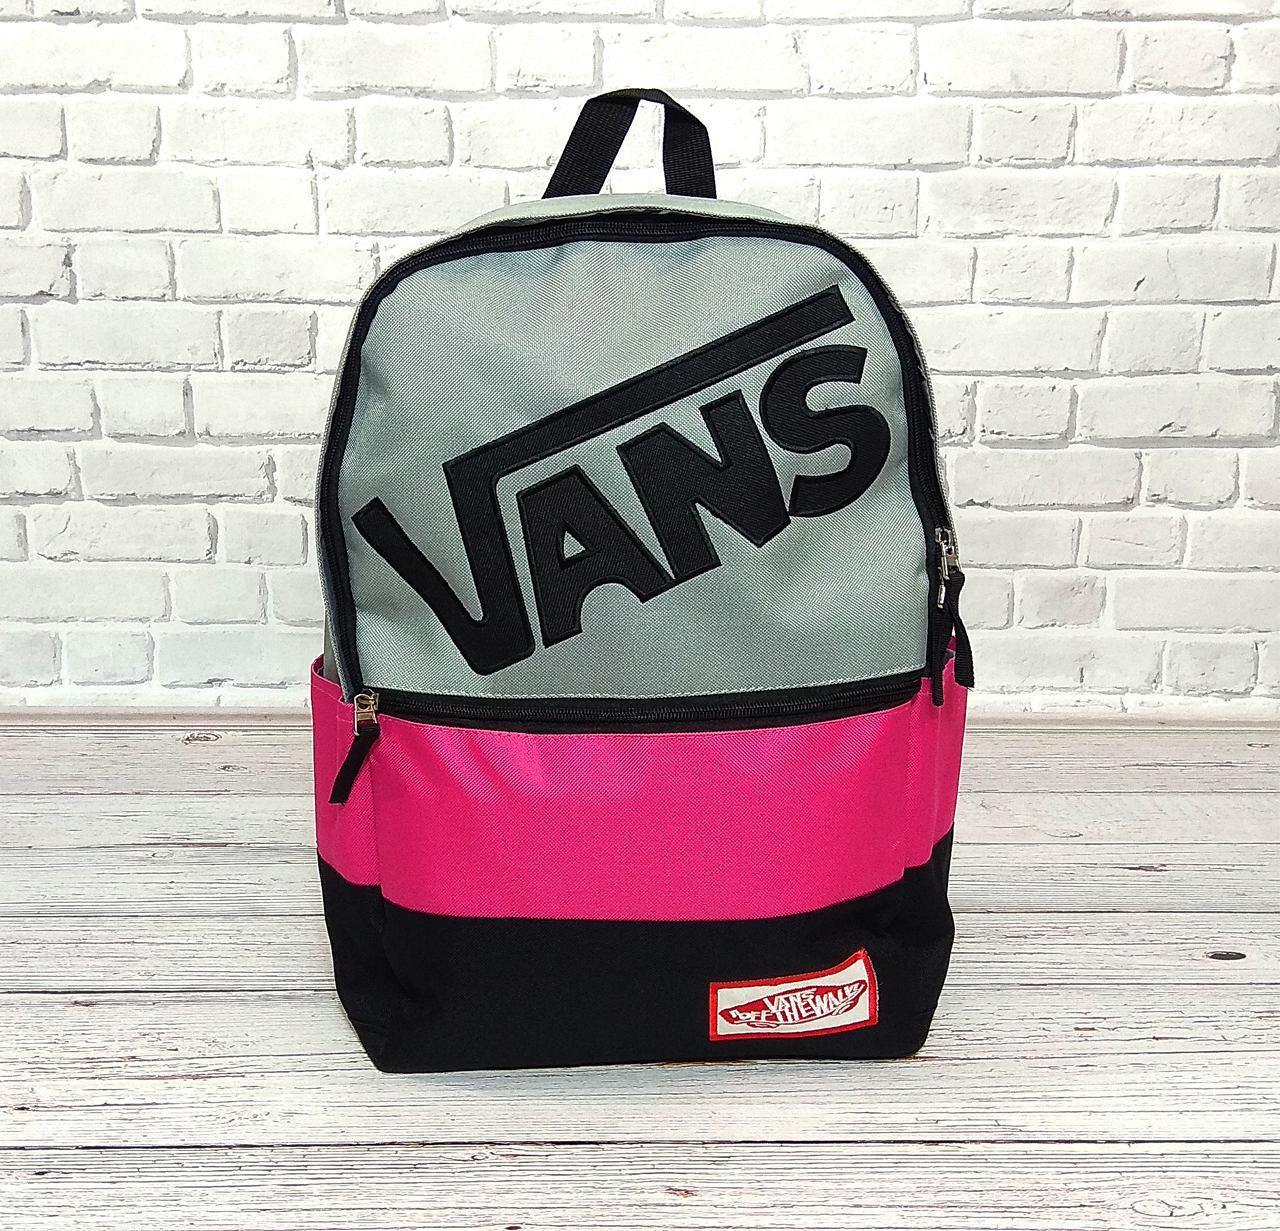 Серый с розовым рюкзак ванс, в стиле Vans of the Wall.